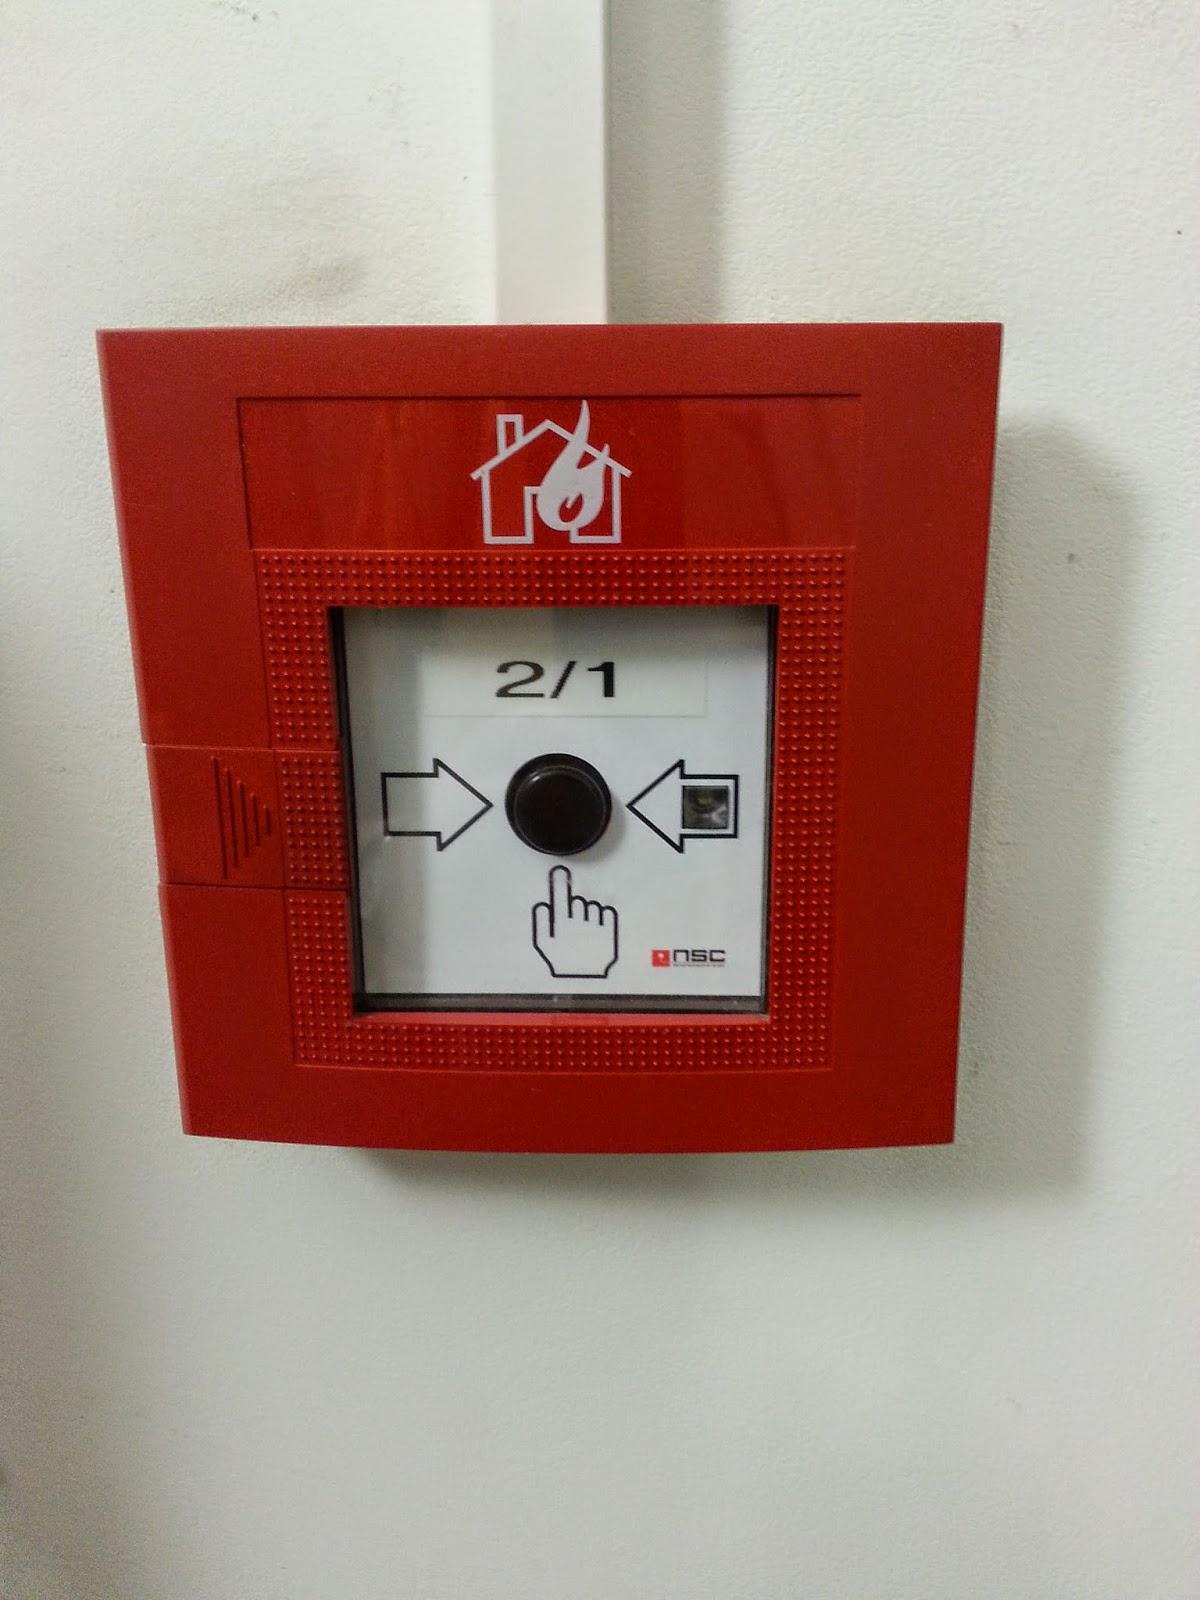 Vortrag Ganzheitliche Brandmeldekonzepte 20kurz - FeuerTRUTZ